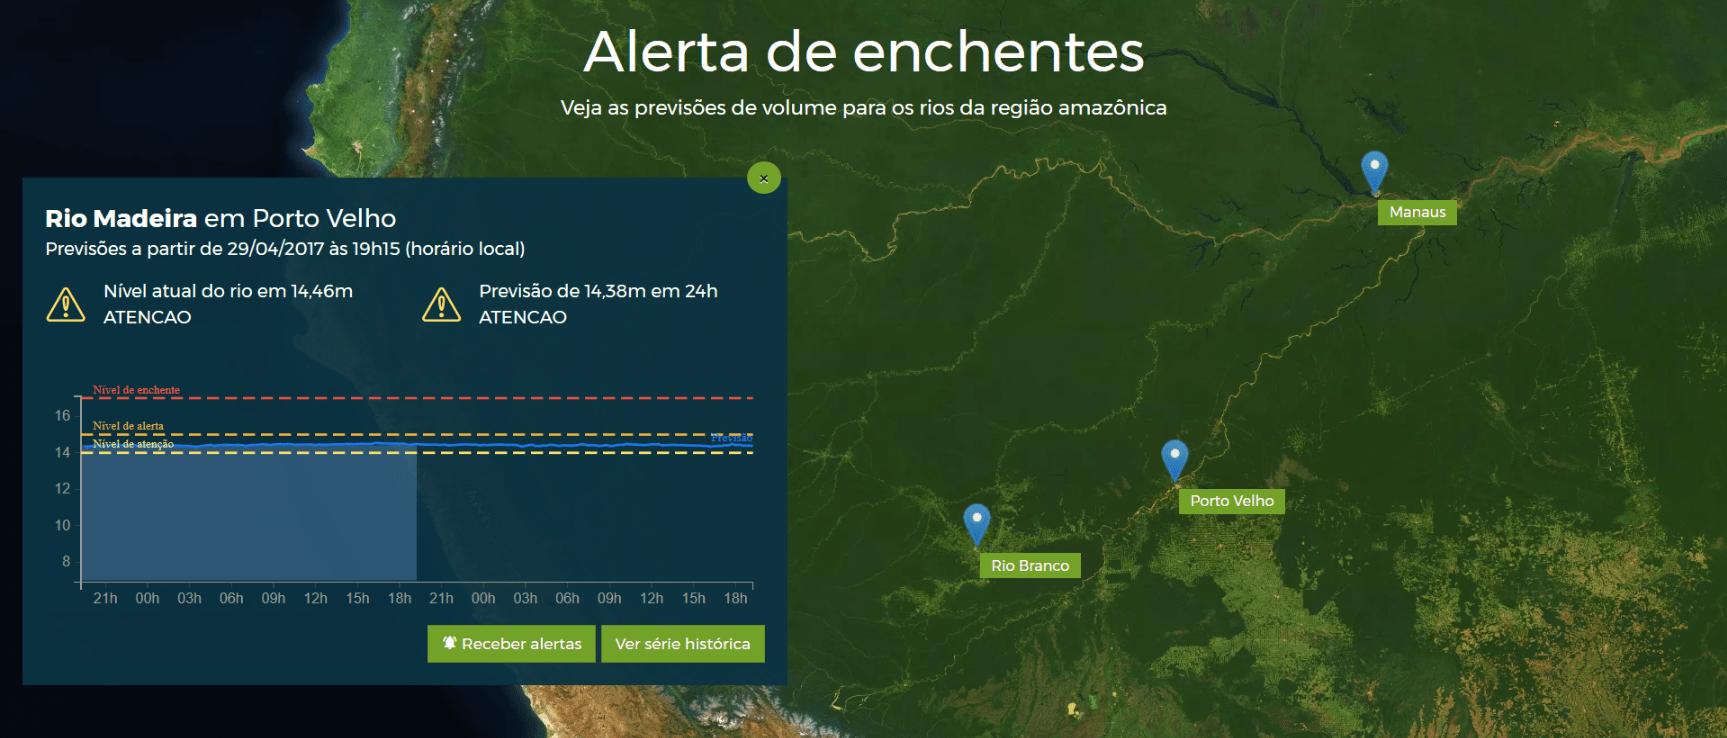 Captura de tela do Alerta de Enchentes no desktop